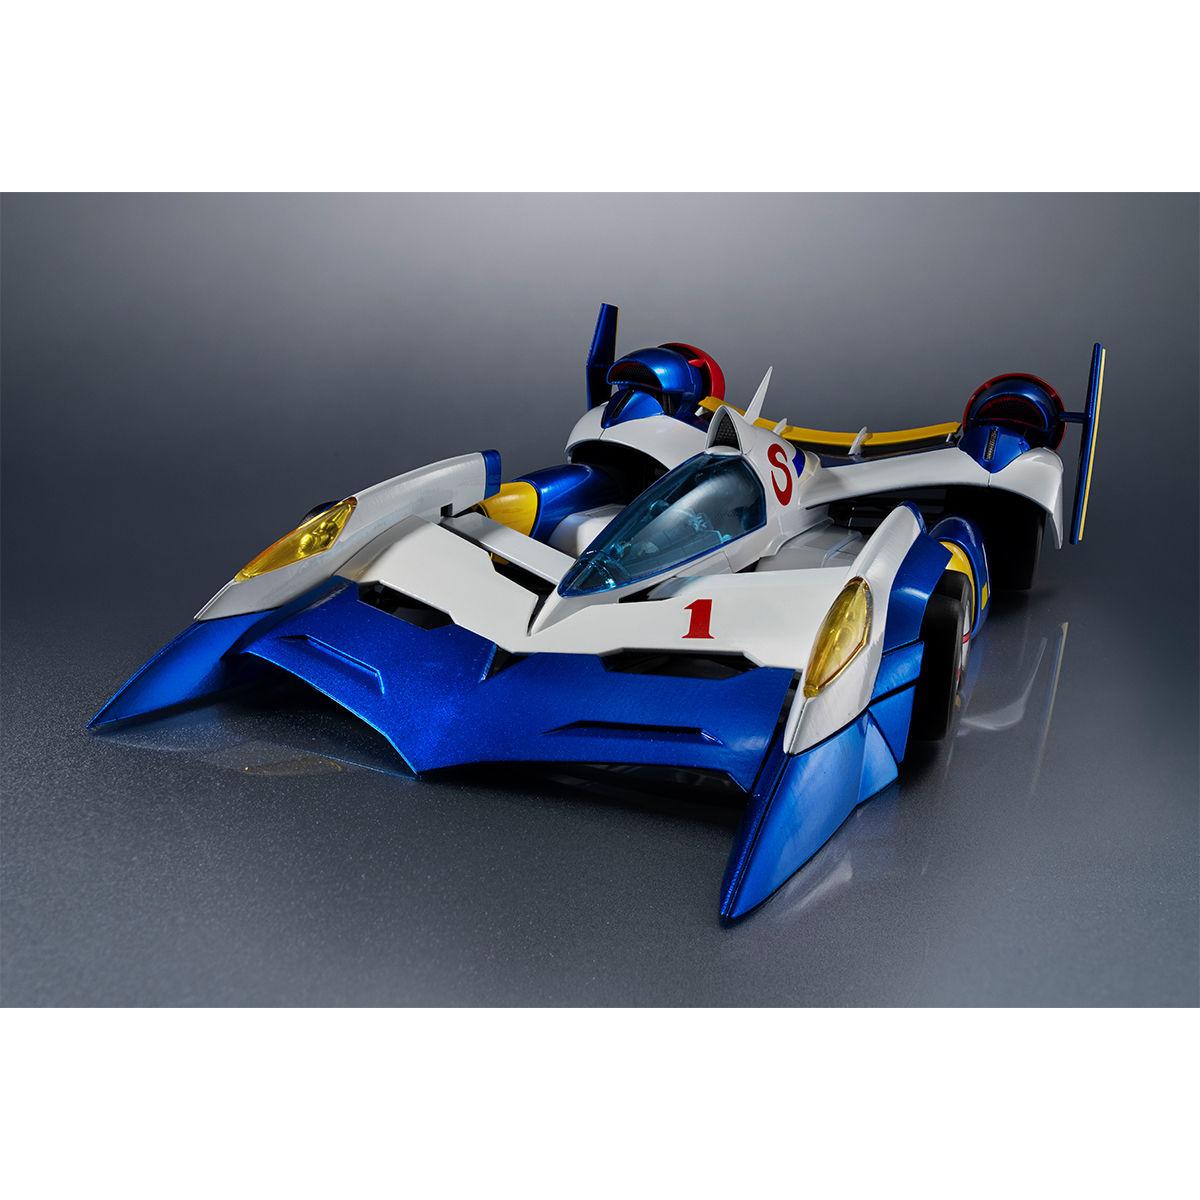 ヴァリアブルアクション Hi-SPEC『スーパーアスラーダ AKF-11』新世紀GPXサイバーフォーミュラ 1/18 可動モデル-003